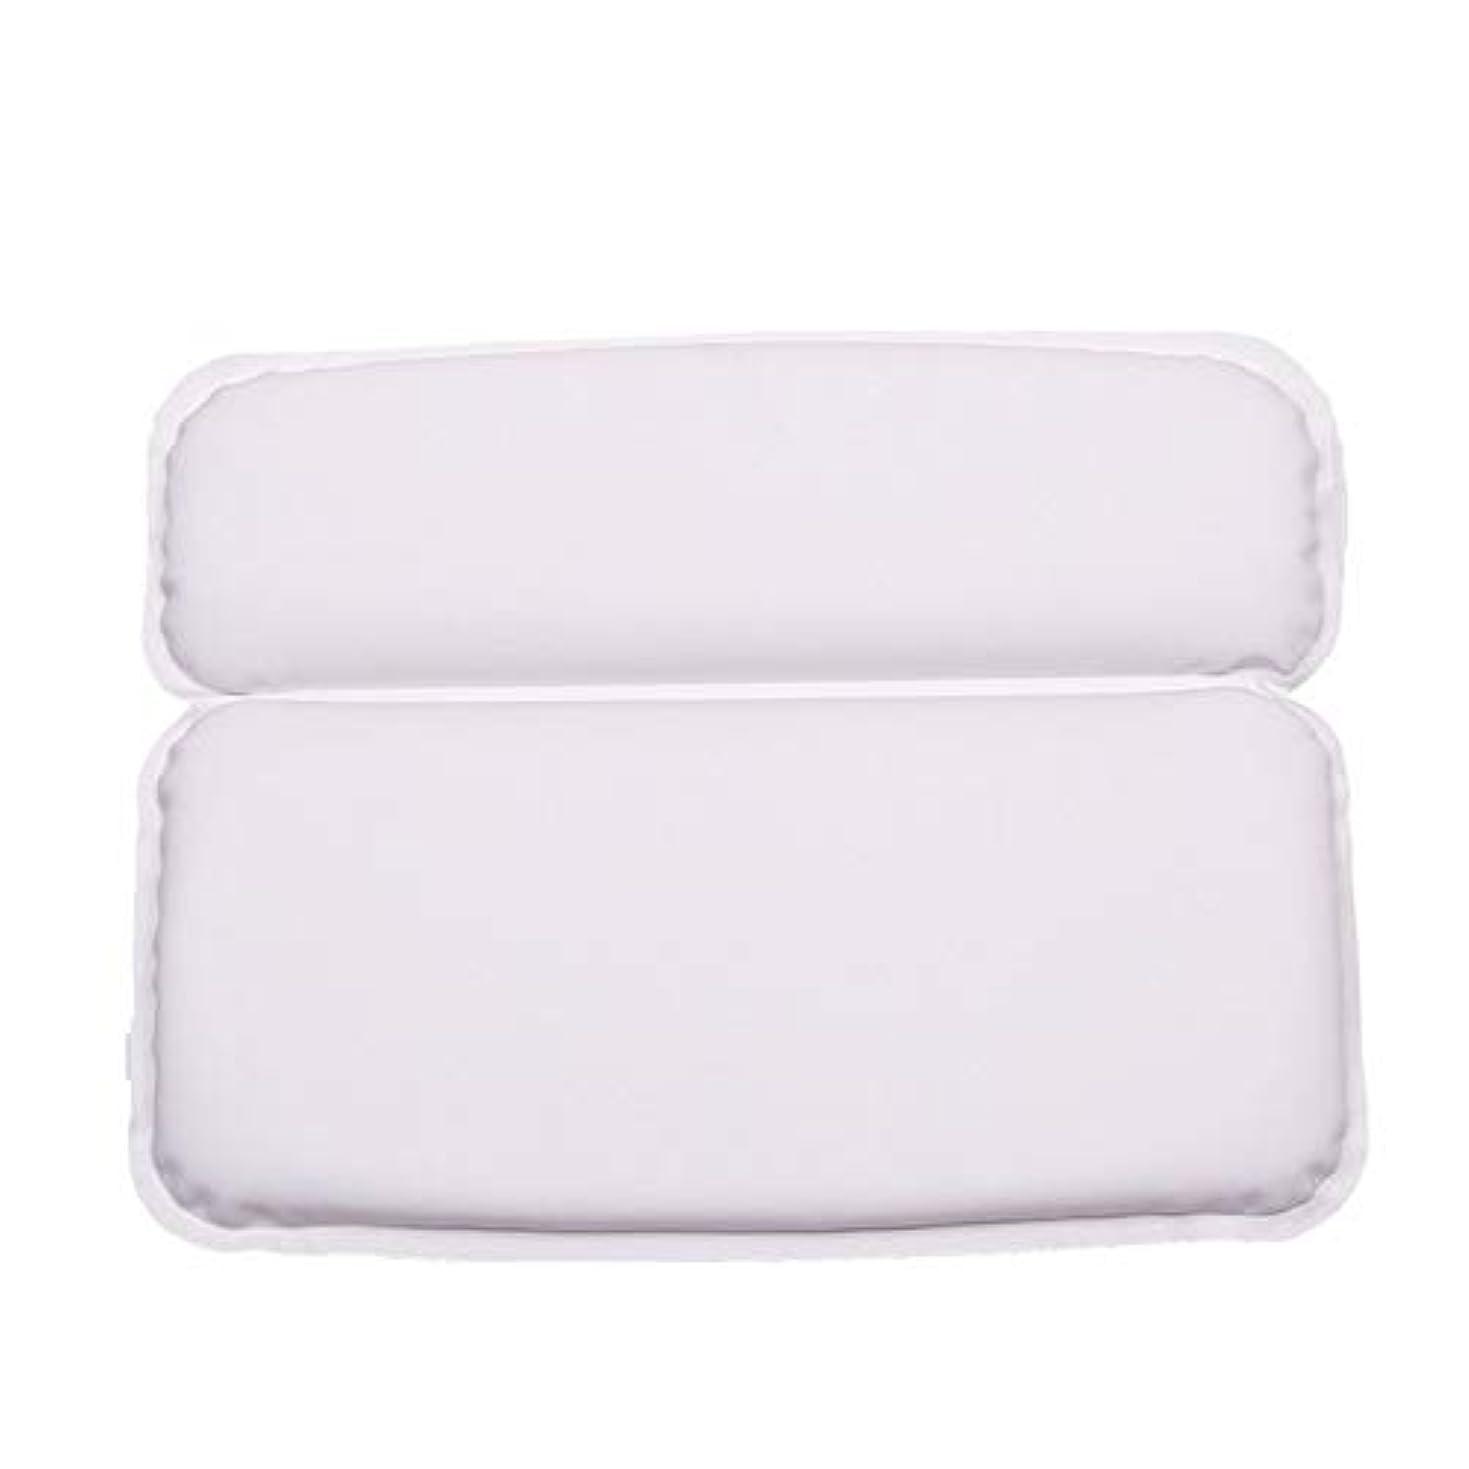 肘品テスピアン浴槽枕 バスルームのジャグジースパバス枕クッションに適し7強い非スリップ吸盤頭と首をサポート バスルーム枕 (色 : 白, サイズ : 39 x 31 x 4.5cm)